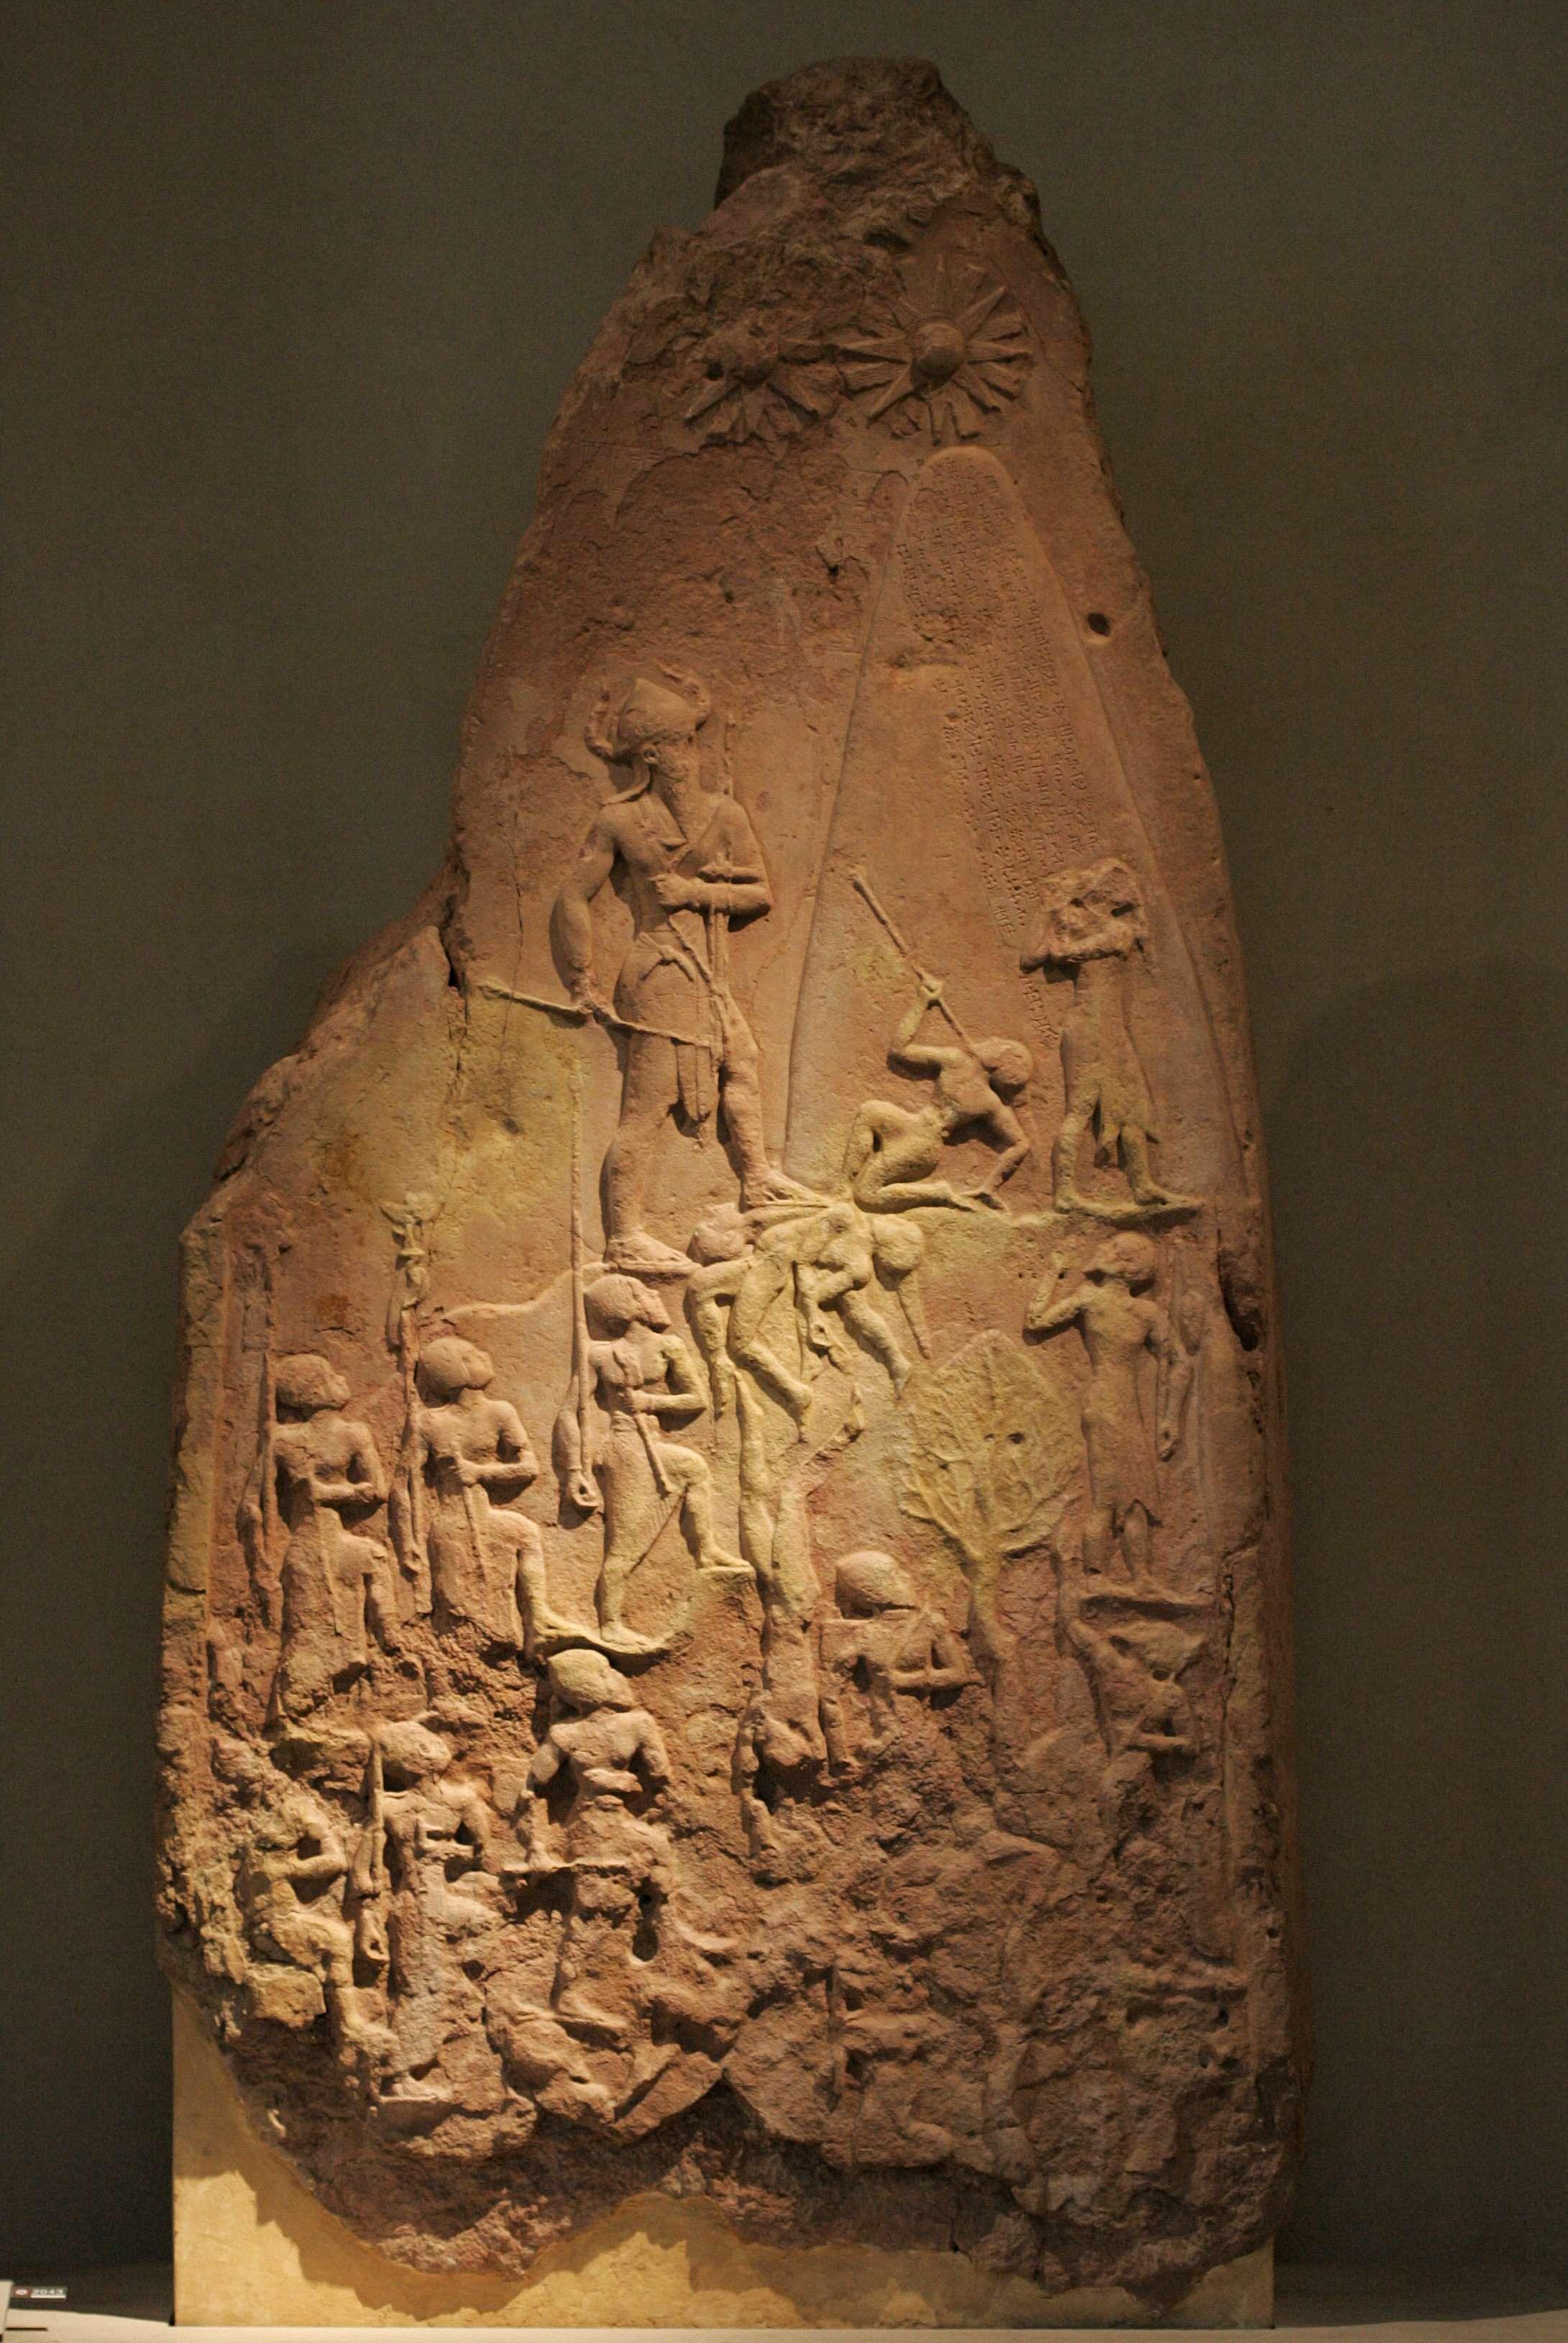 Σχετικά σωζόμενα μνημεία, όπως η νικητήρια στήλη του Naramsin, επιδιώκουν κατά κύριο λόγο να δοξολογήσουν και να διατηρήσουν στη μνήμη τις νίκες του ηγεμόνα και τις διακρίσεις του στα πεδία της μάχης.